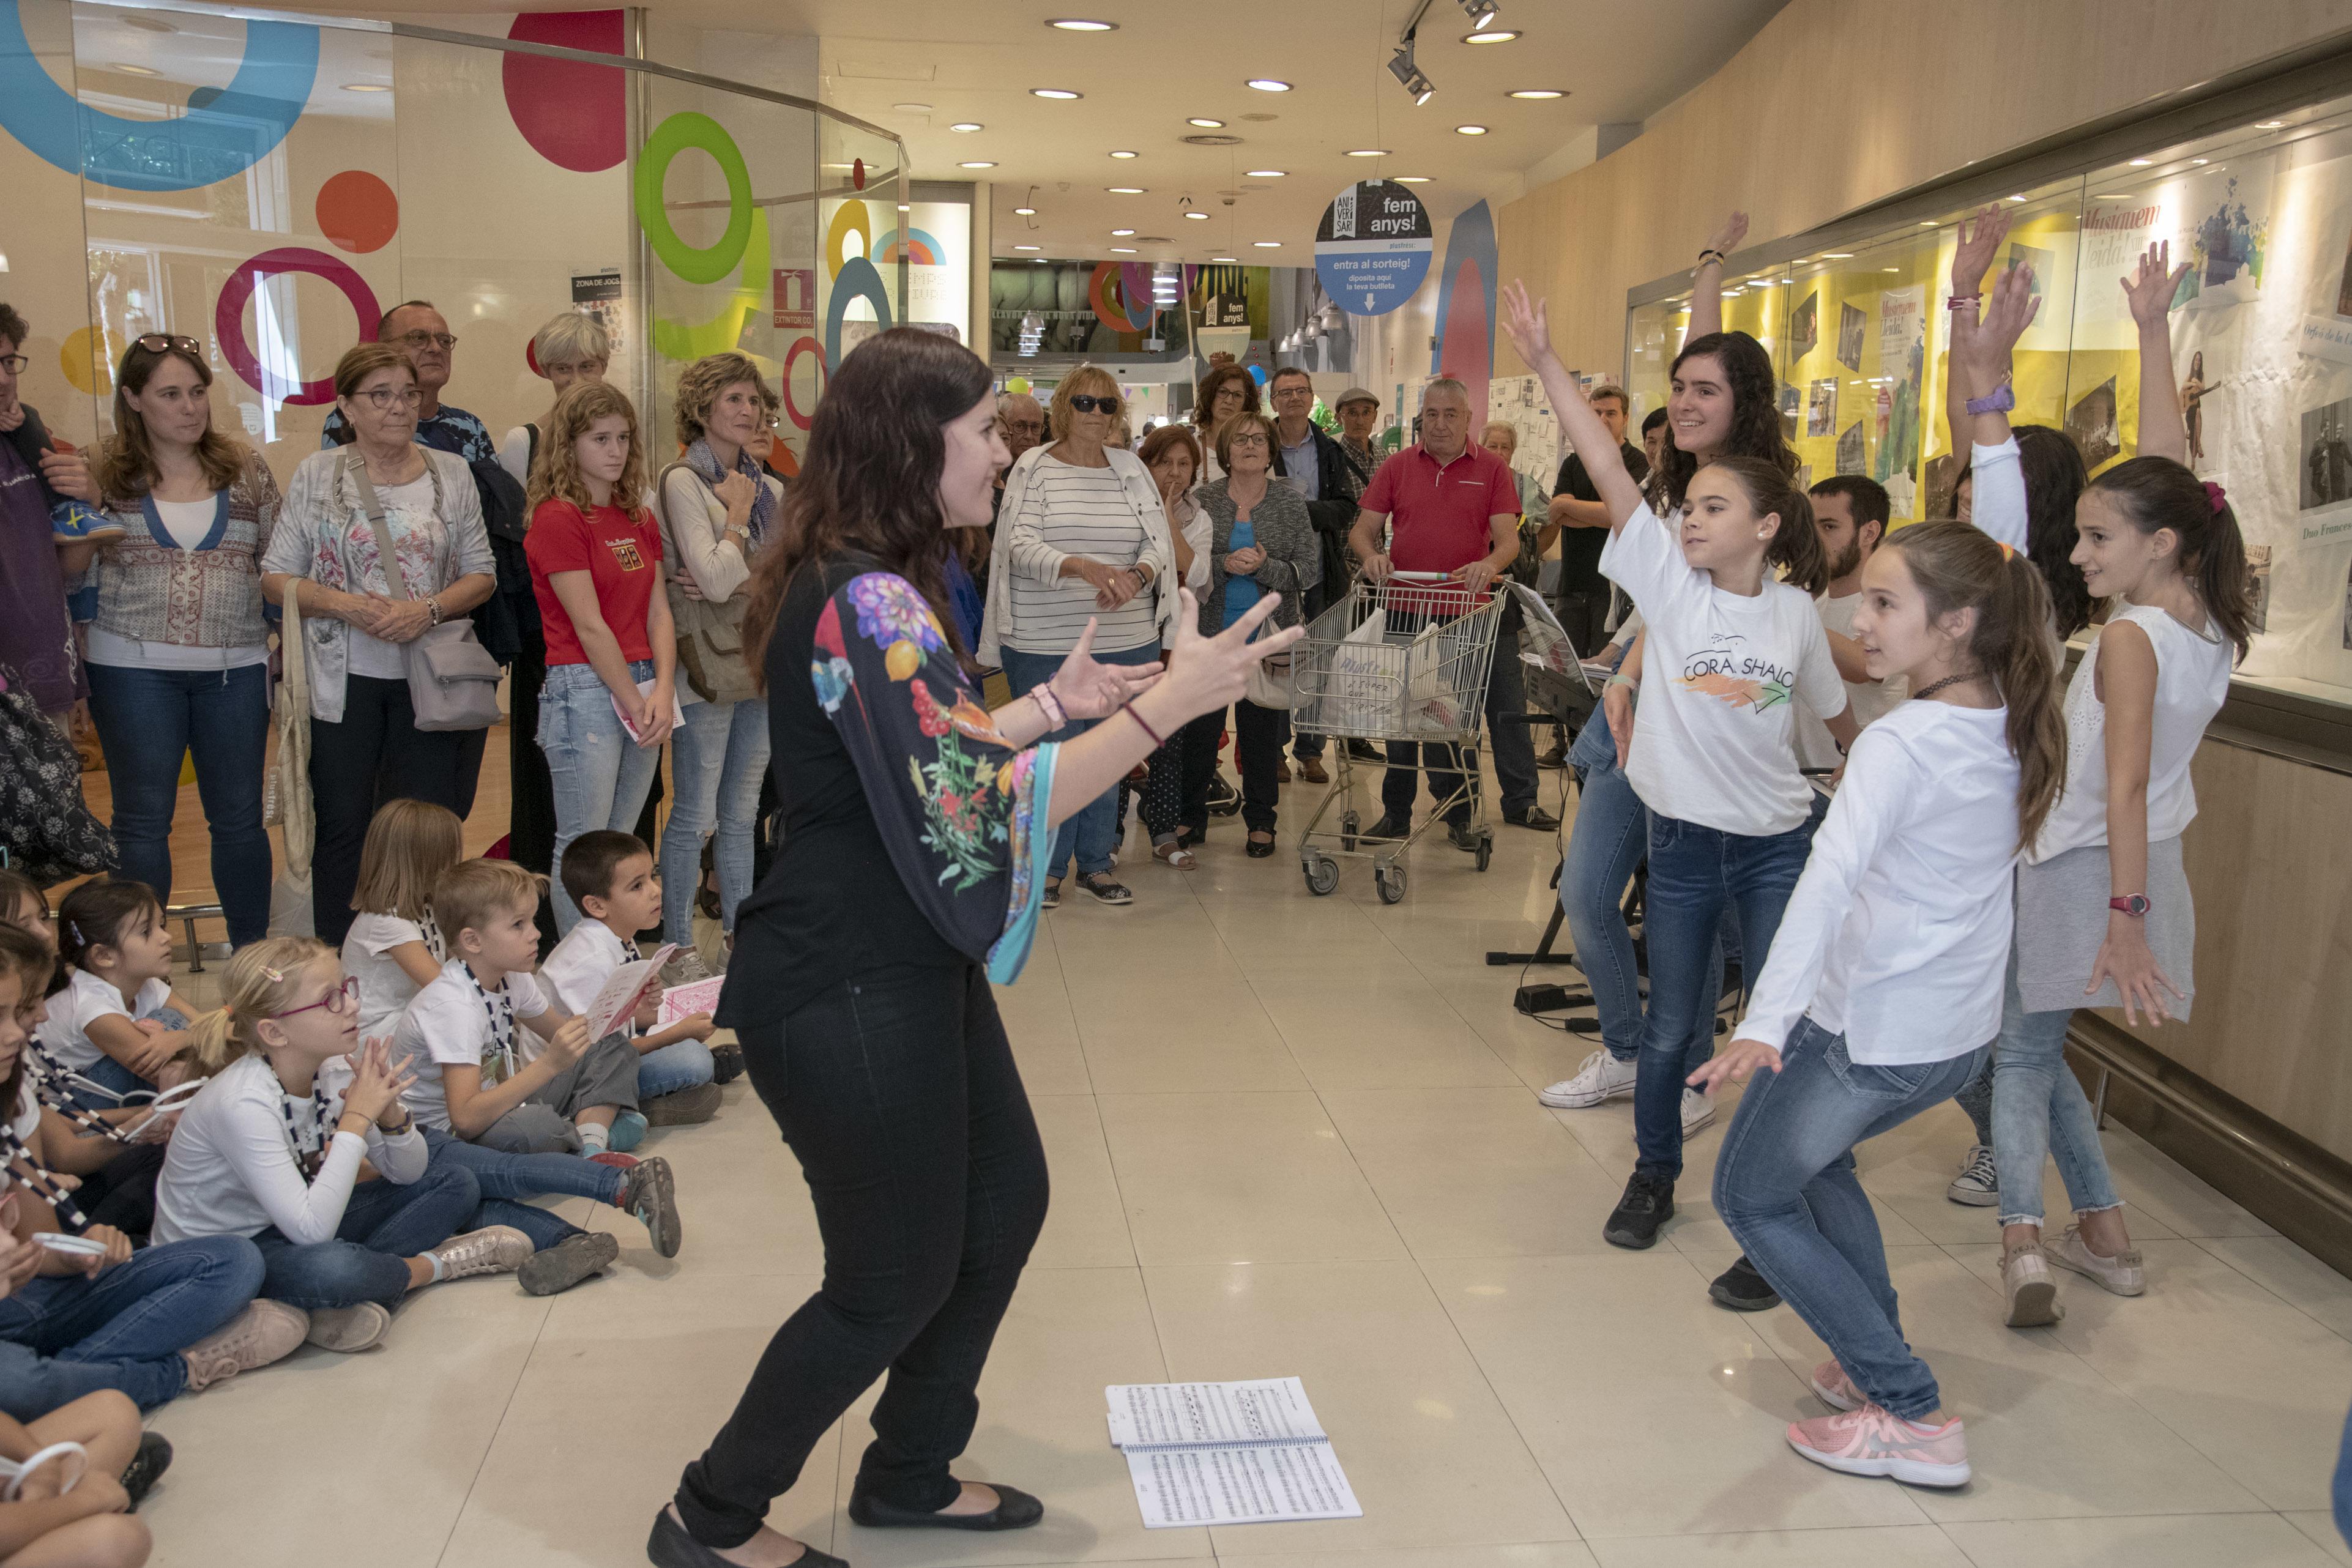 Demà comença el 'Més Musiquem', les activitats paral·leles de la XIV edició del Festival Internacional Musiquem Lleida